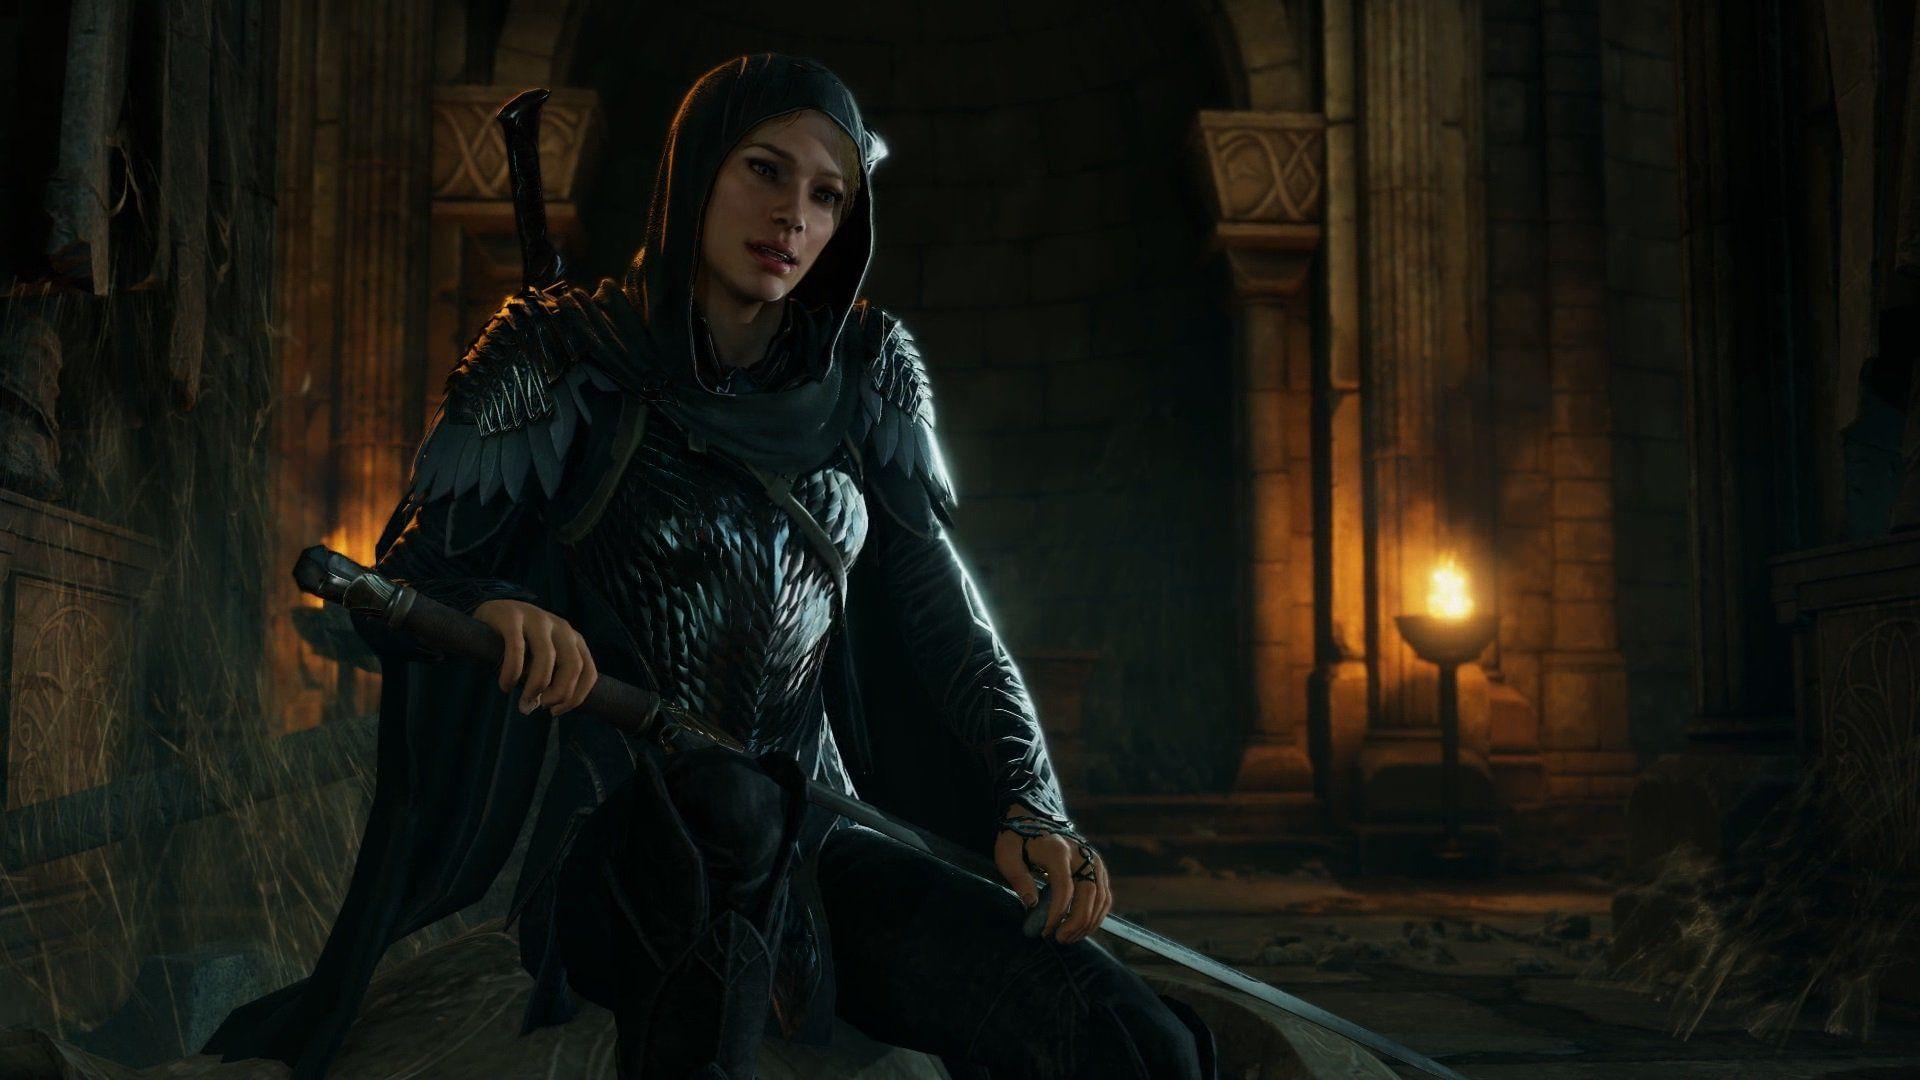 Shadow of War dobio novu ekspanziju fokusiranu na priču